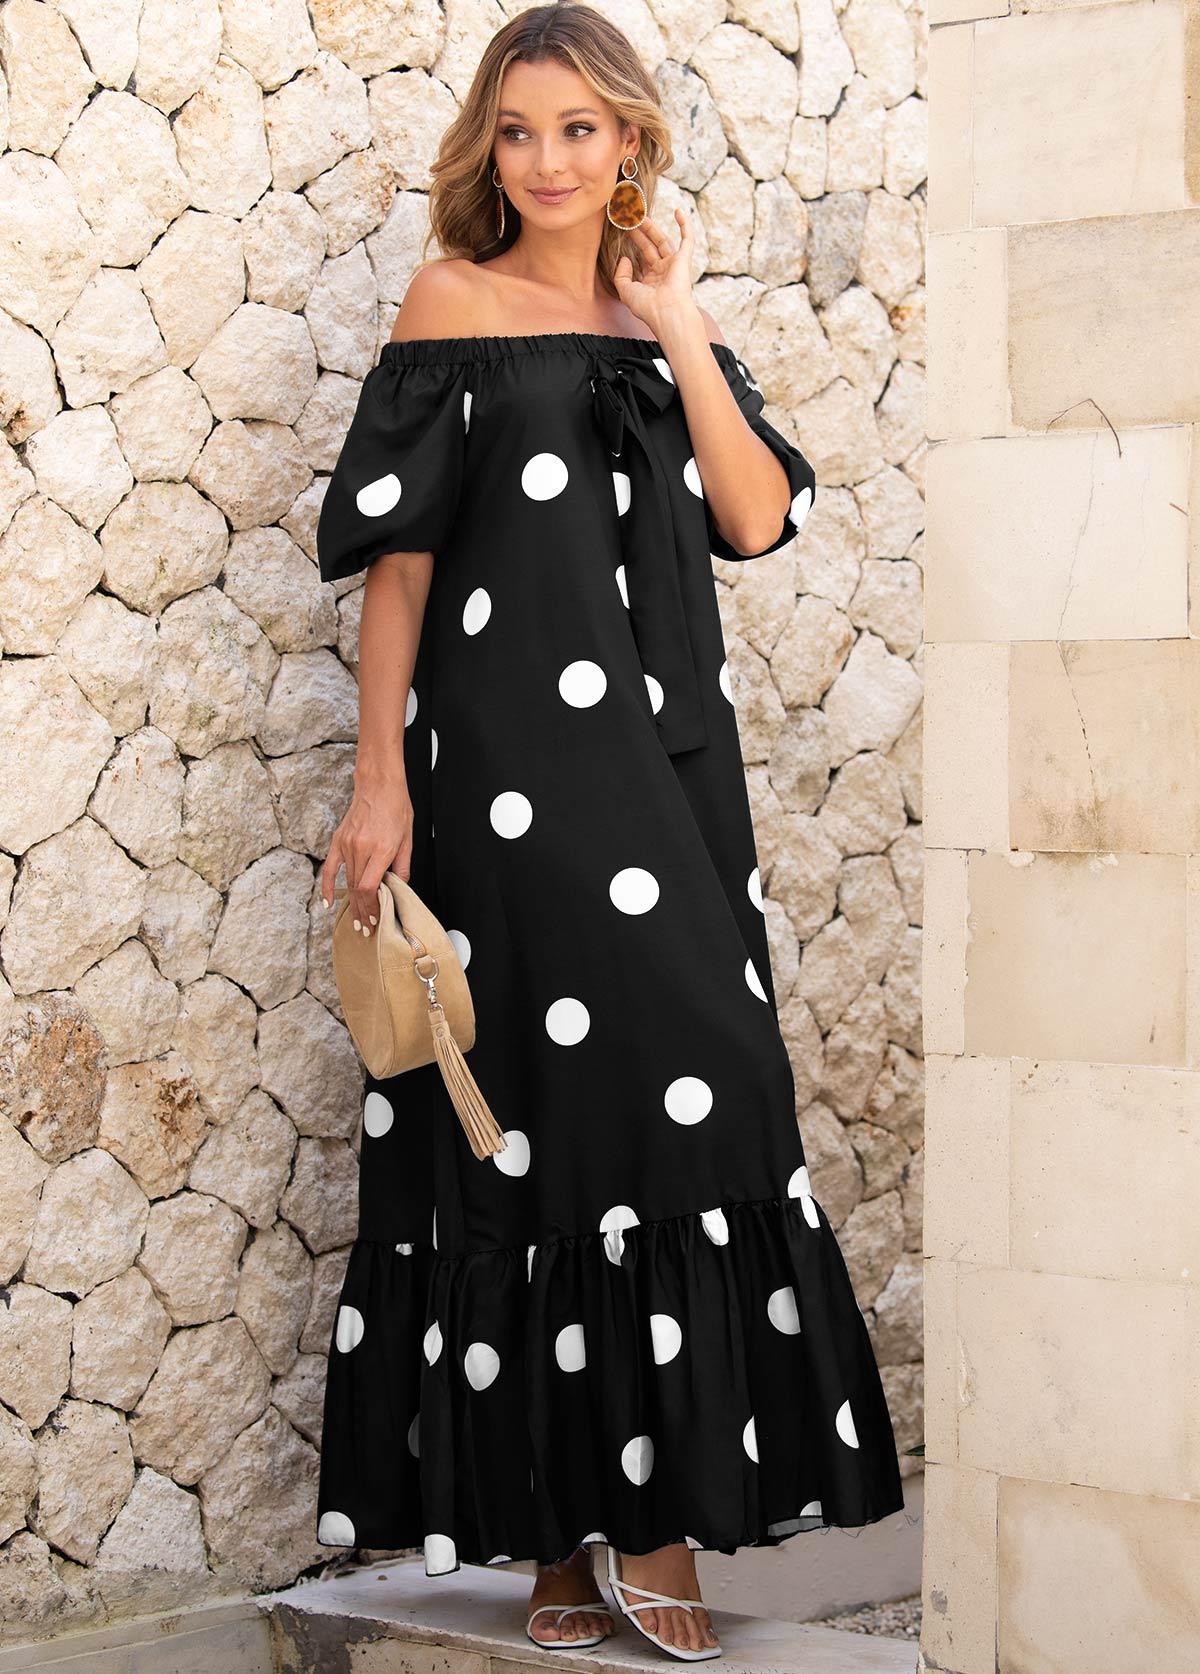 Off Shoulder Tie Front Polka Dot Dress